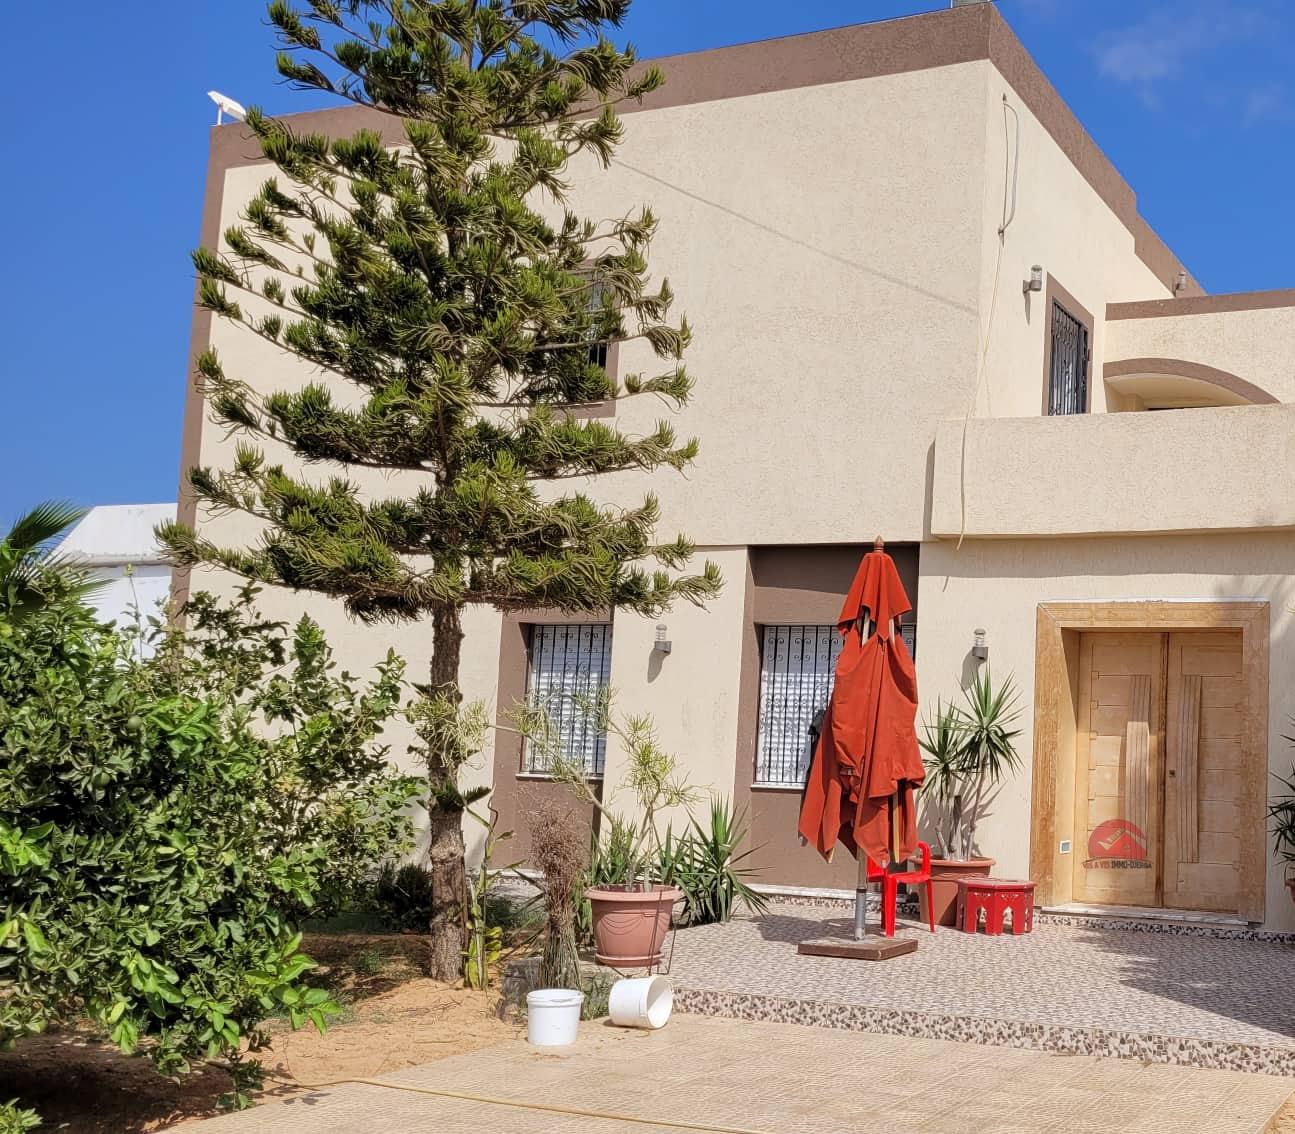 A vendre une grande maison à Houmt Souk - Réf V545